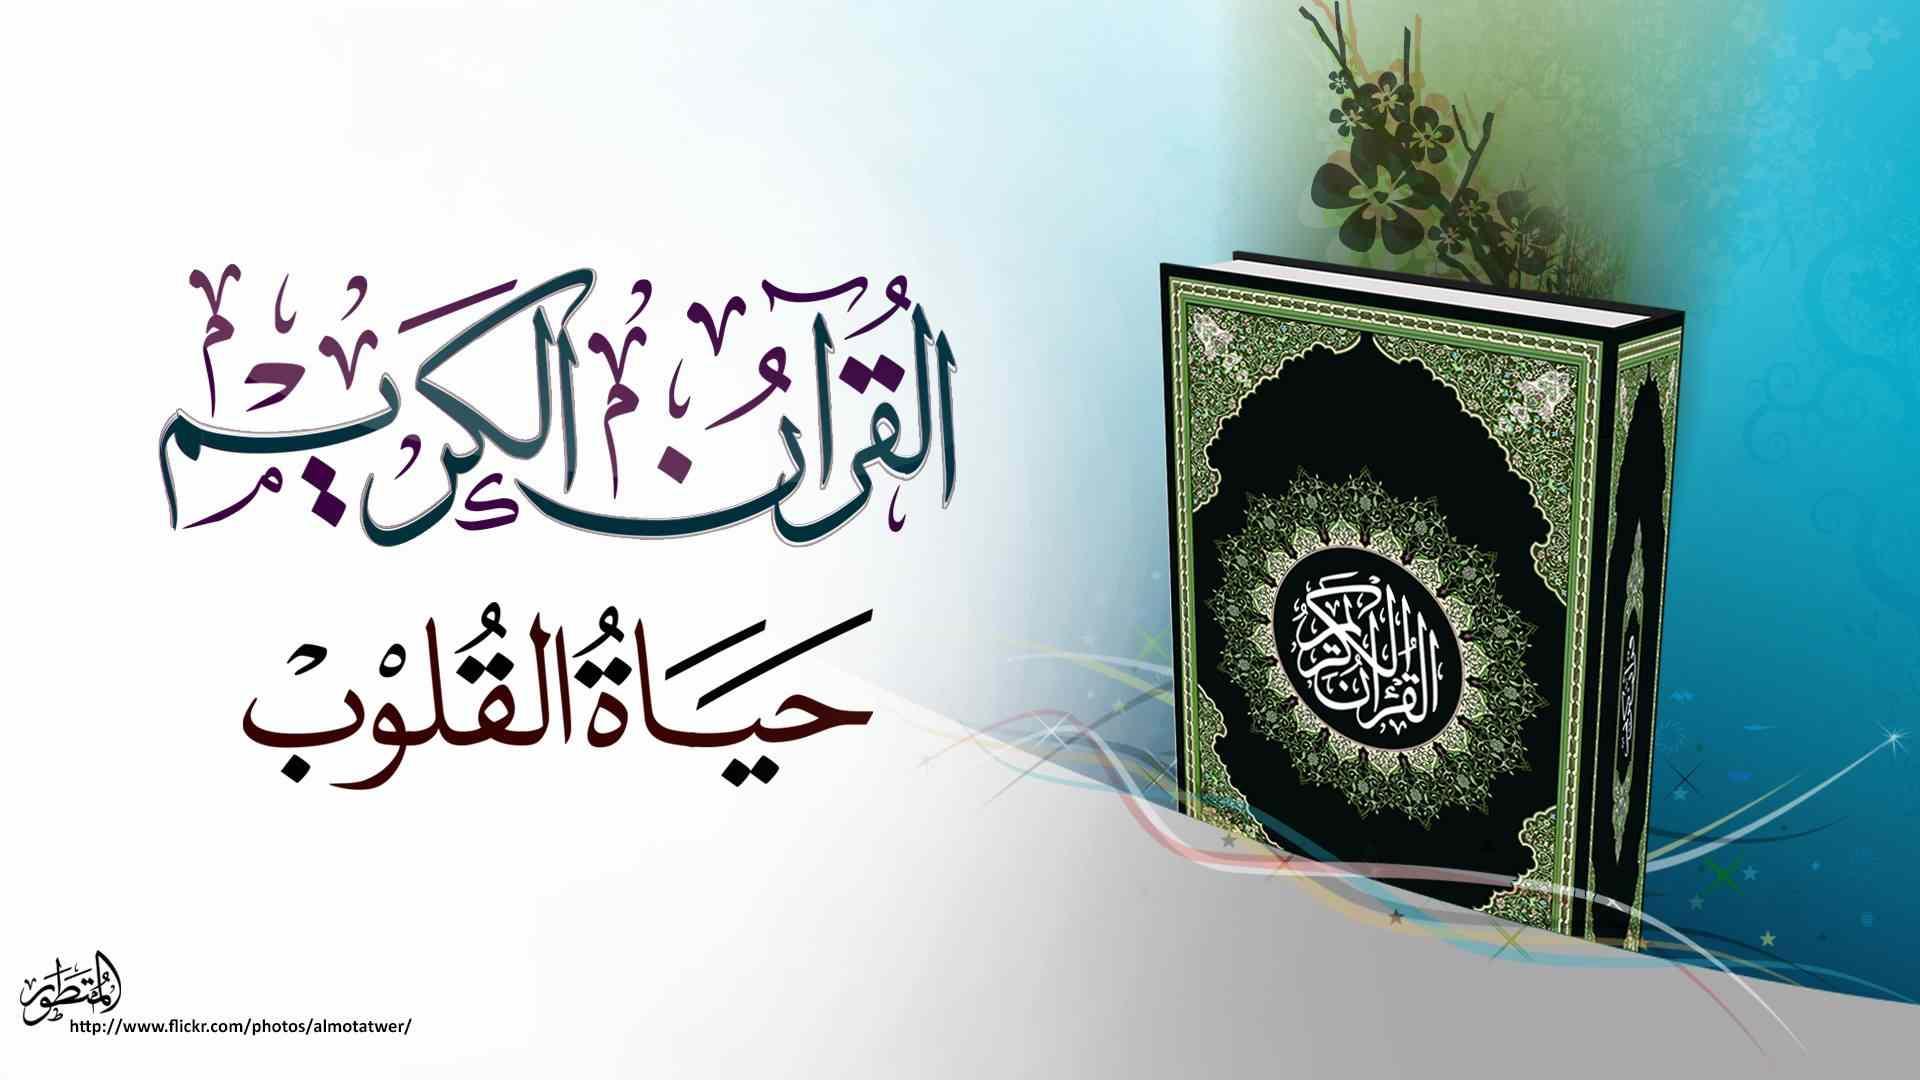 تطبيق القرآن الكريم كامل Read Quran Offline ولا يحتاج اتصال انترنت